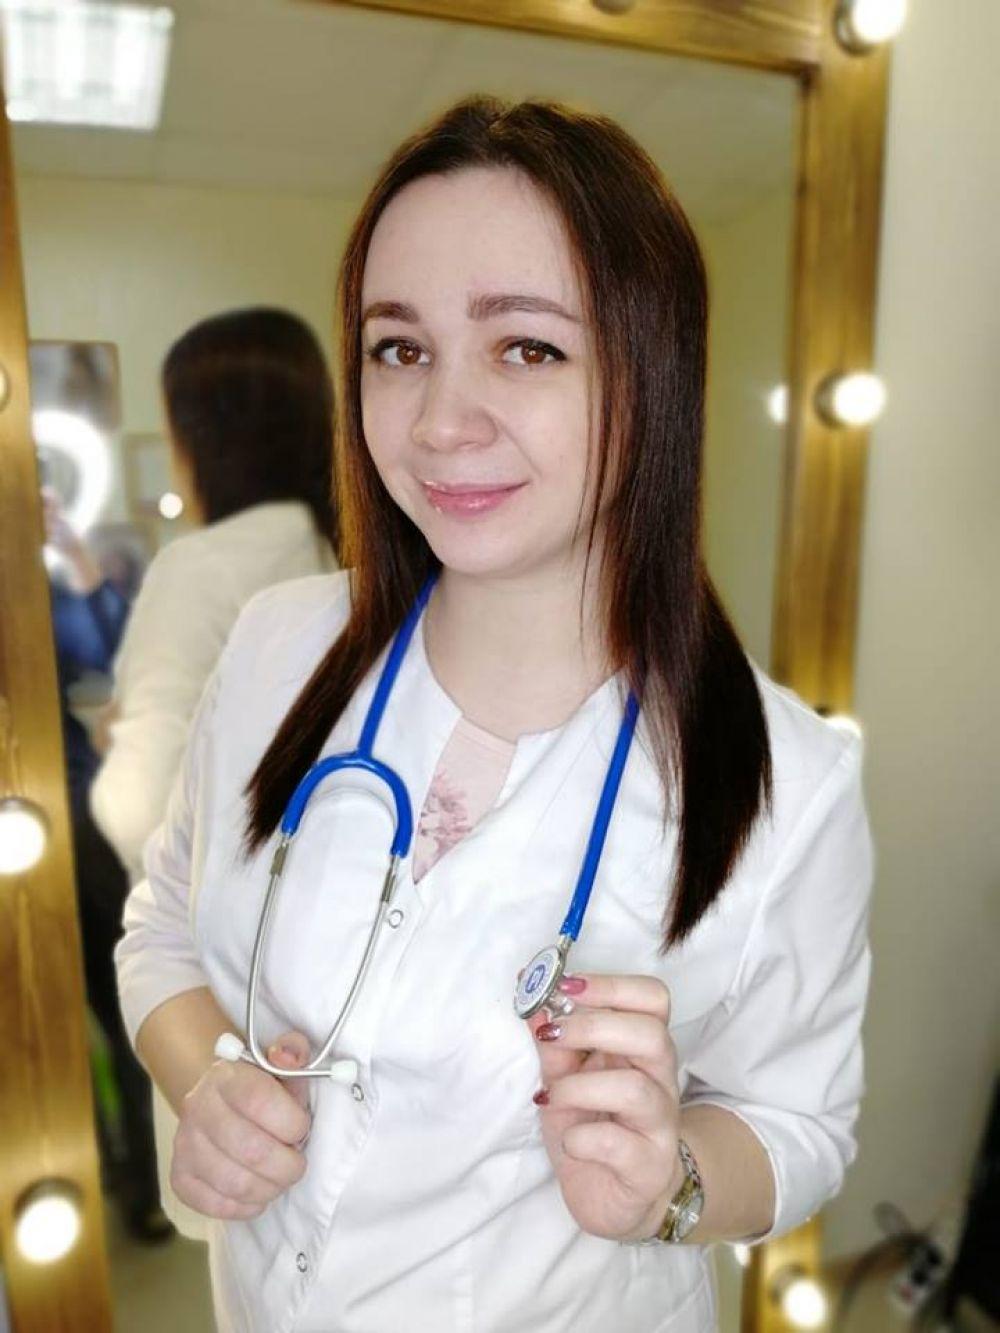 Путкова Анна, врач педиатр в городской поликлинике.